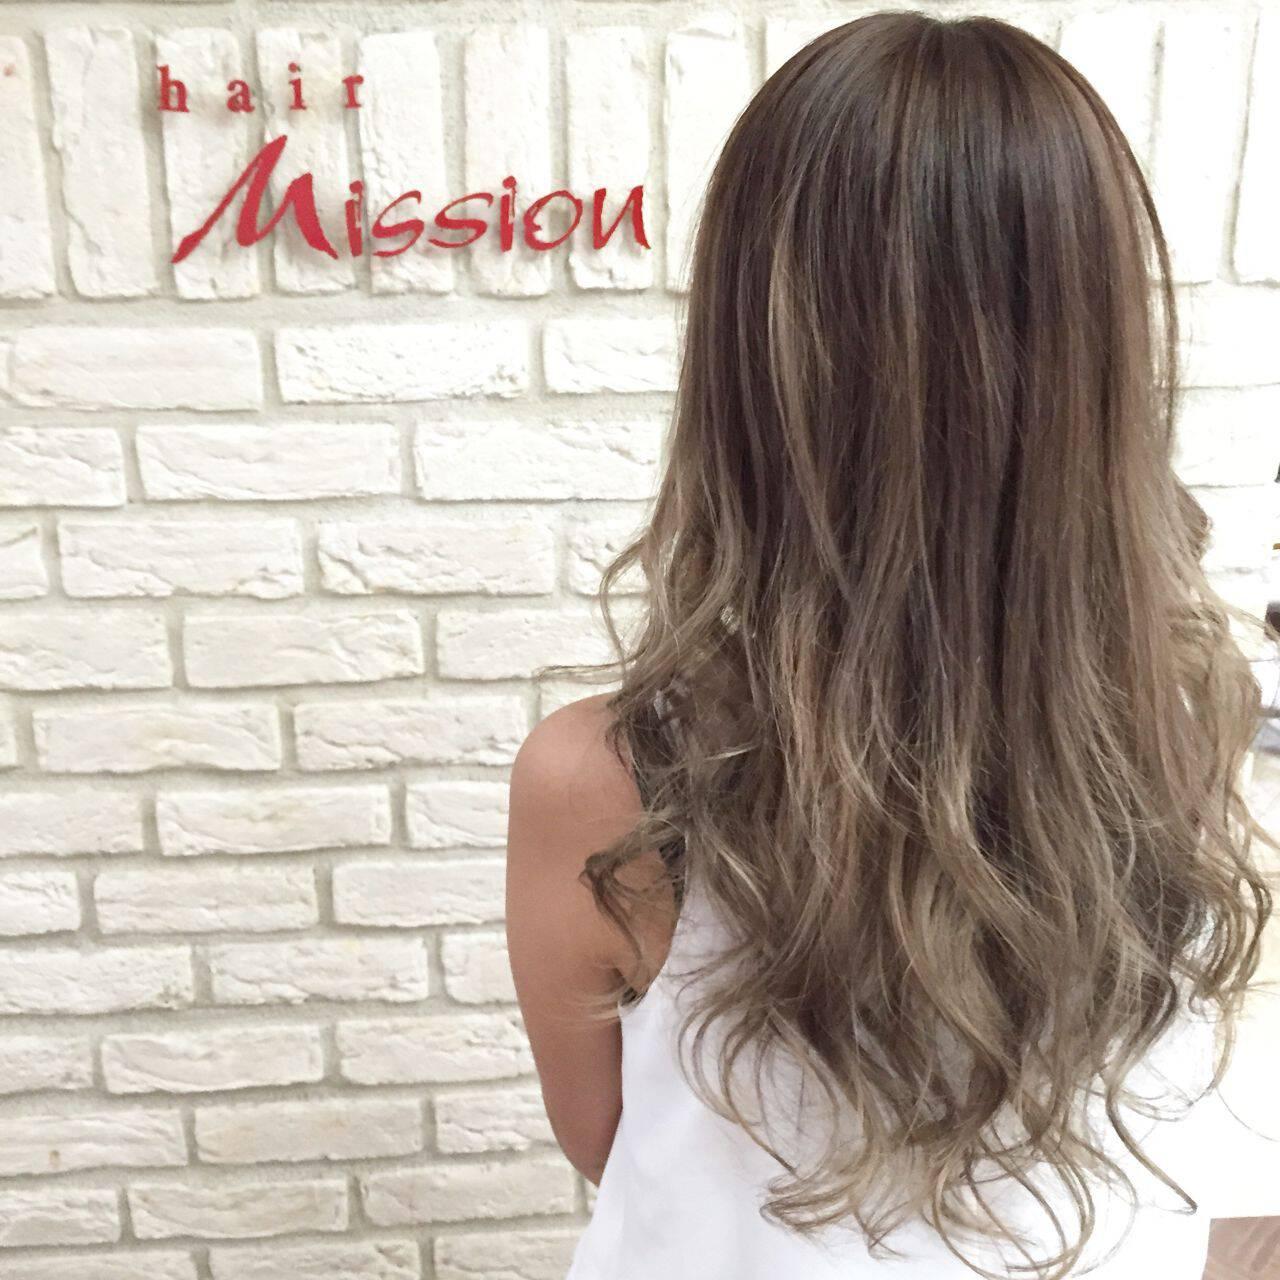 アッシュグラデーション グラデーションカラー ガーリー ロングヘアスタイルや髪型の写真・画像